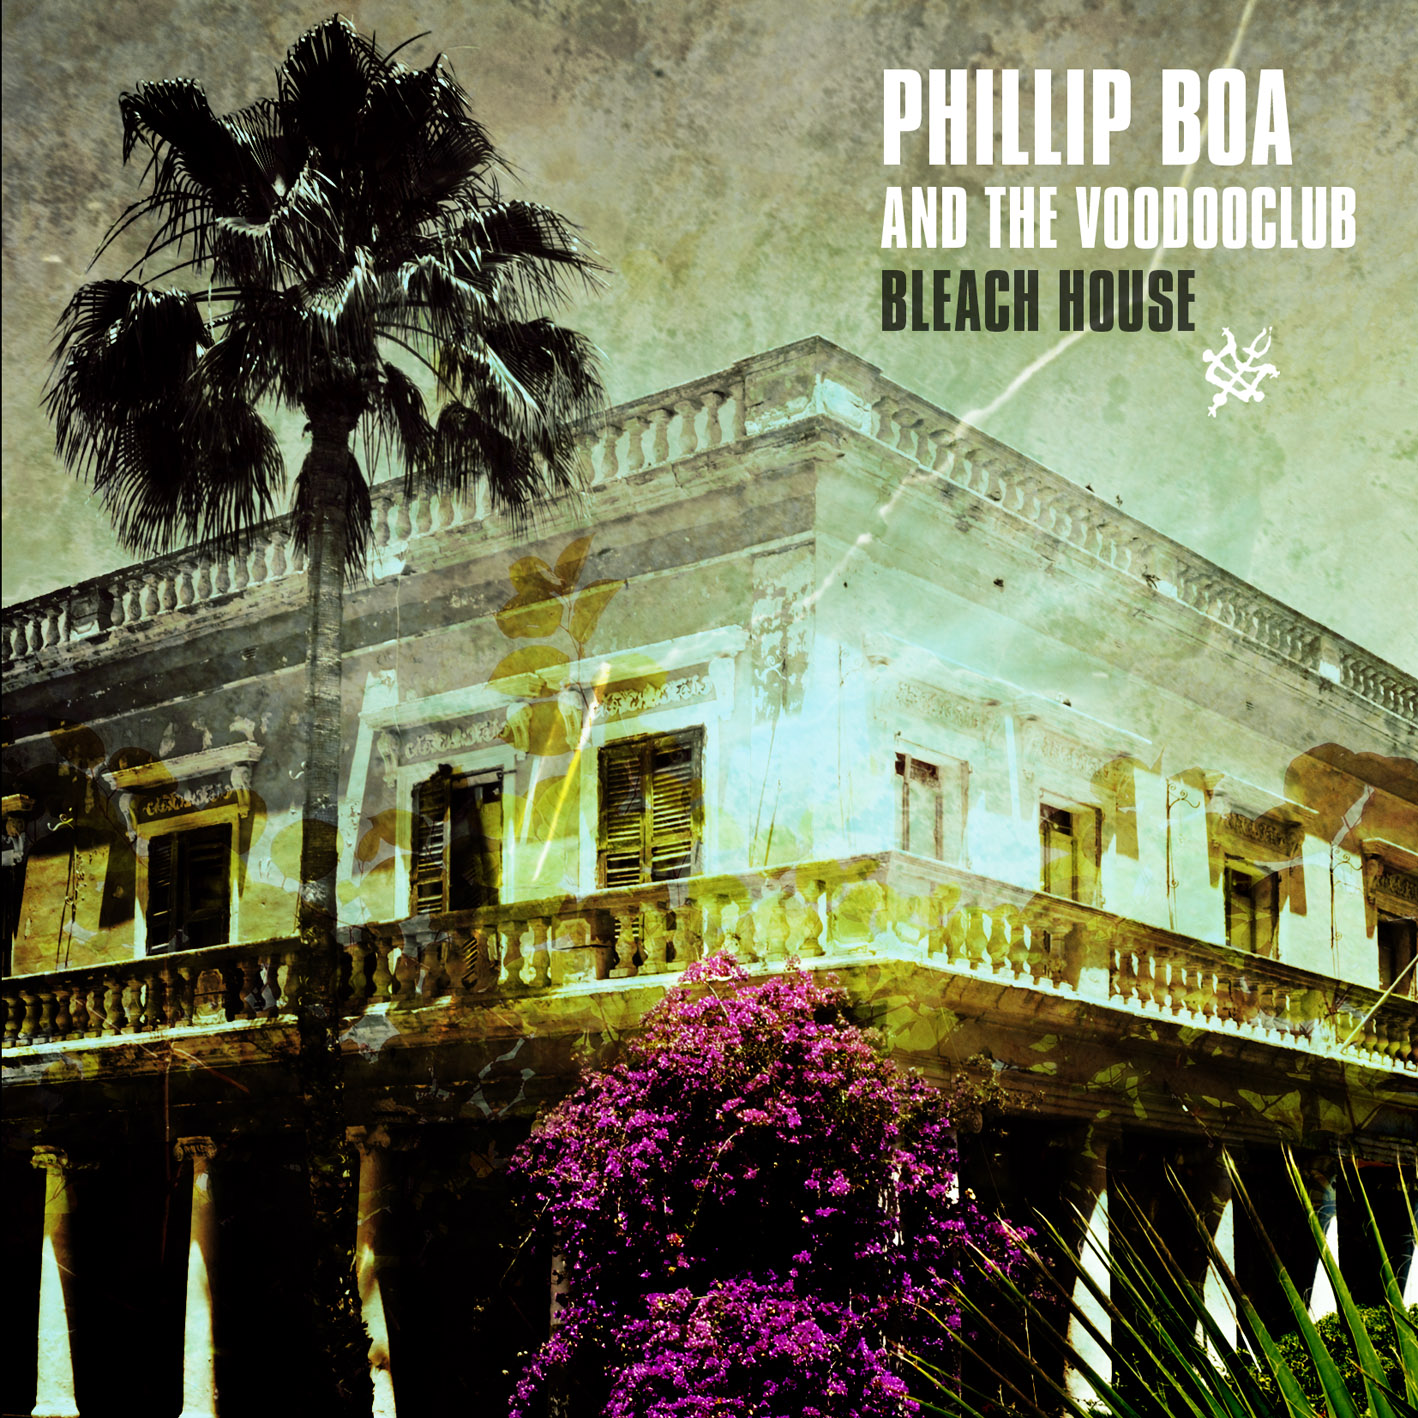 Phillip_Boa_Bleach_House